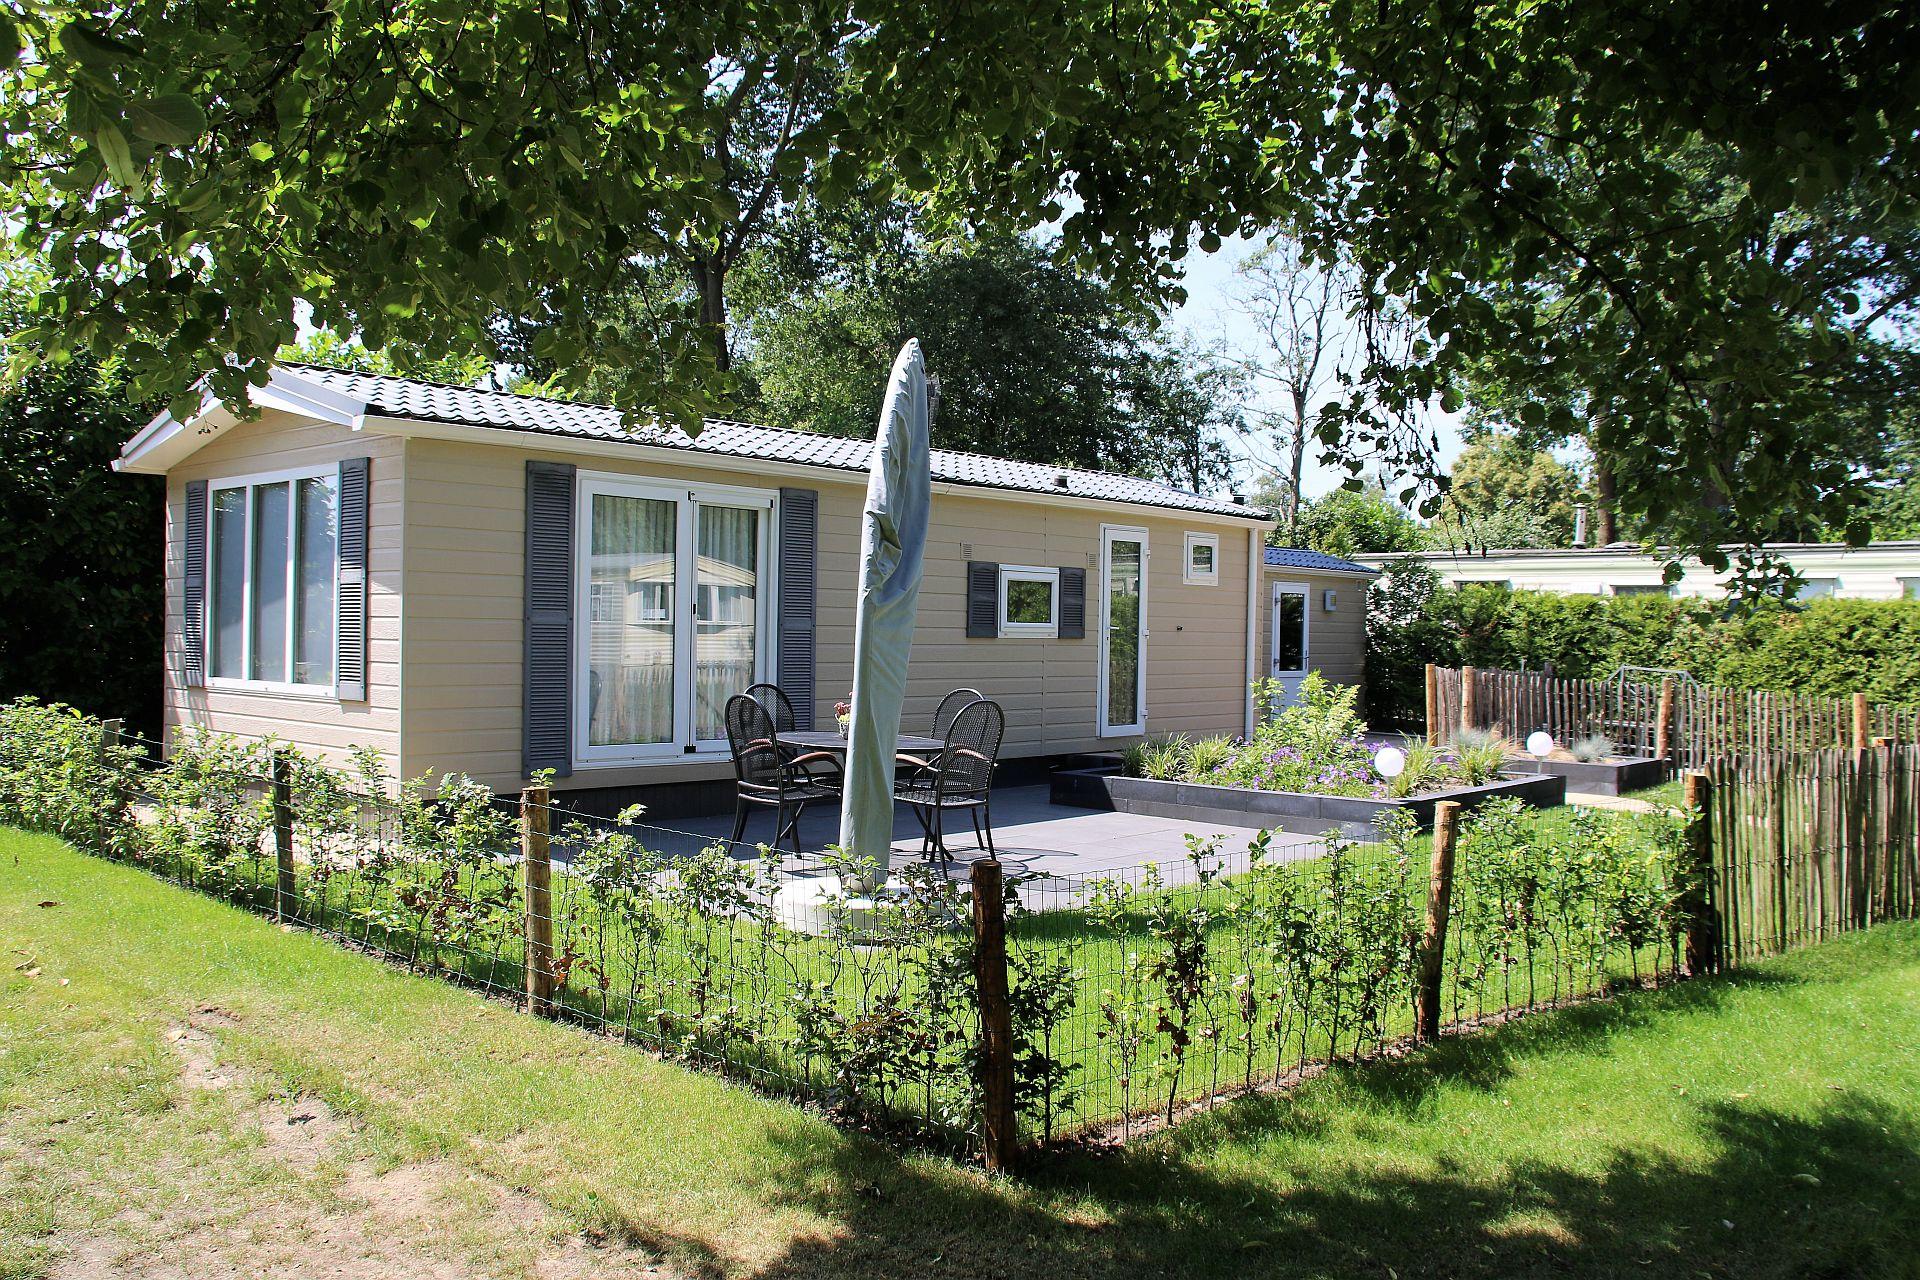 Jaarplaatsen in Overijssel op 5 sterren camping - Jaarplaatsen in mooi Overijssel